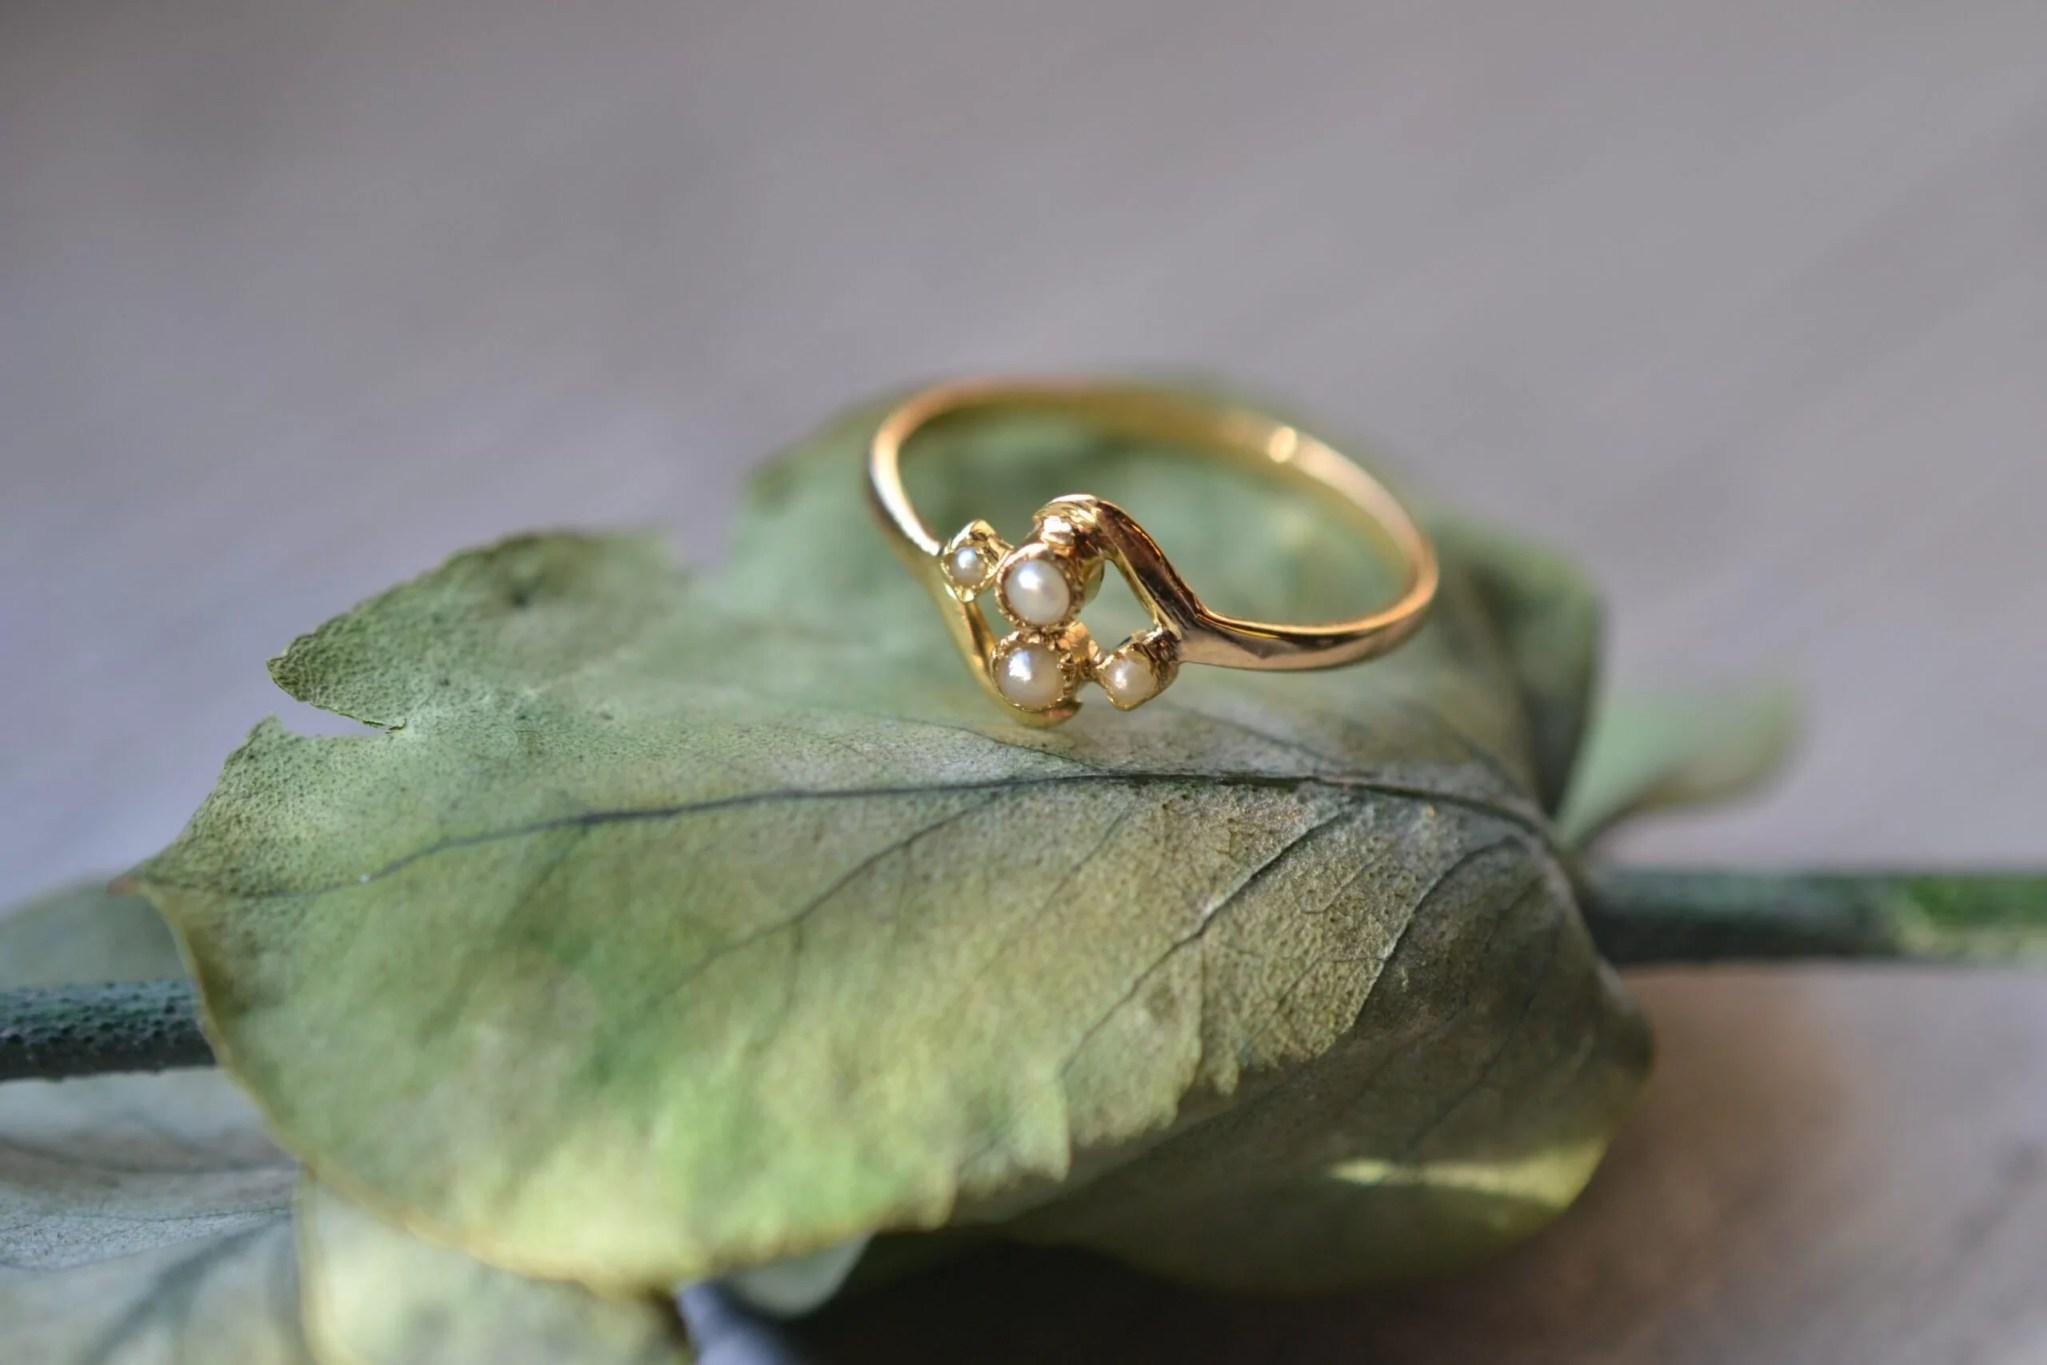 Bague vintage en or jaune massif 18 carats (750/1000), sertie de demi-perles - un bijou Noircarat.fr